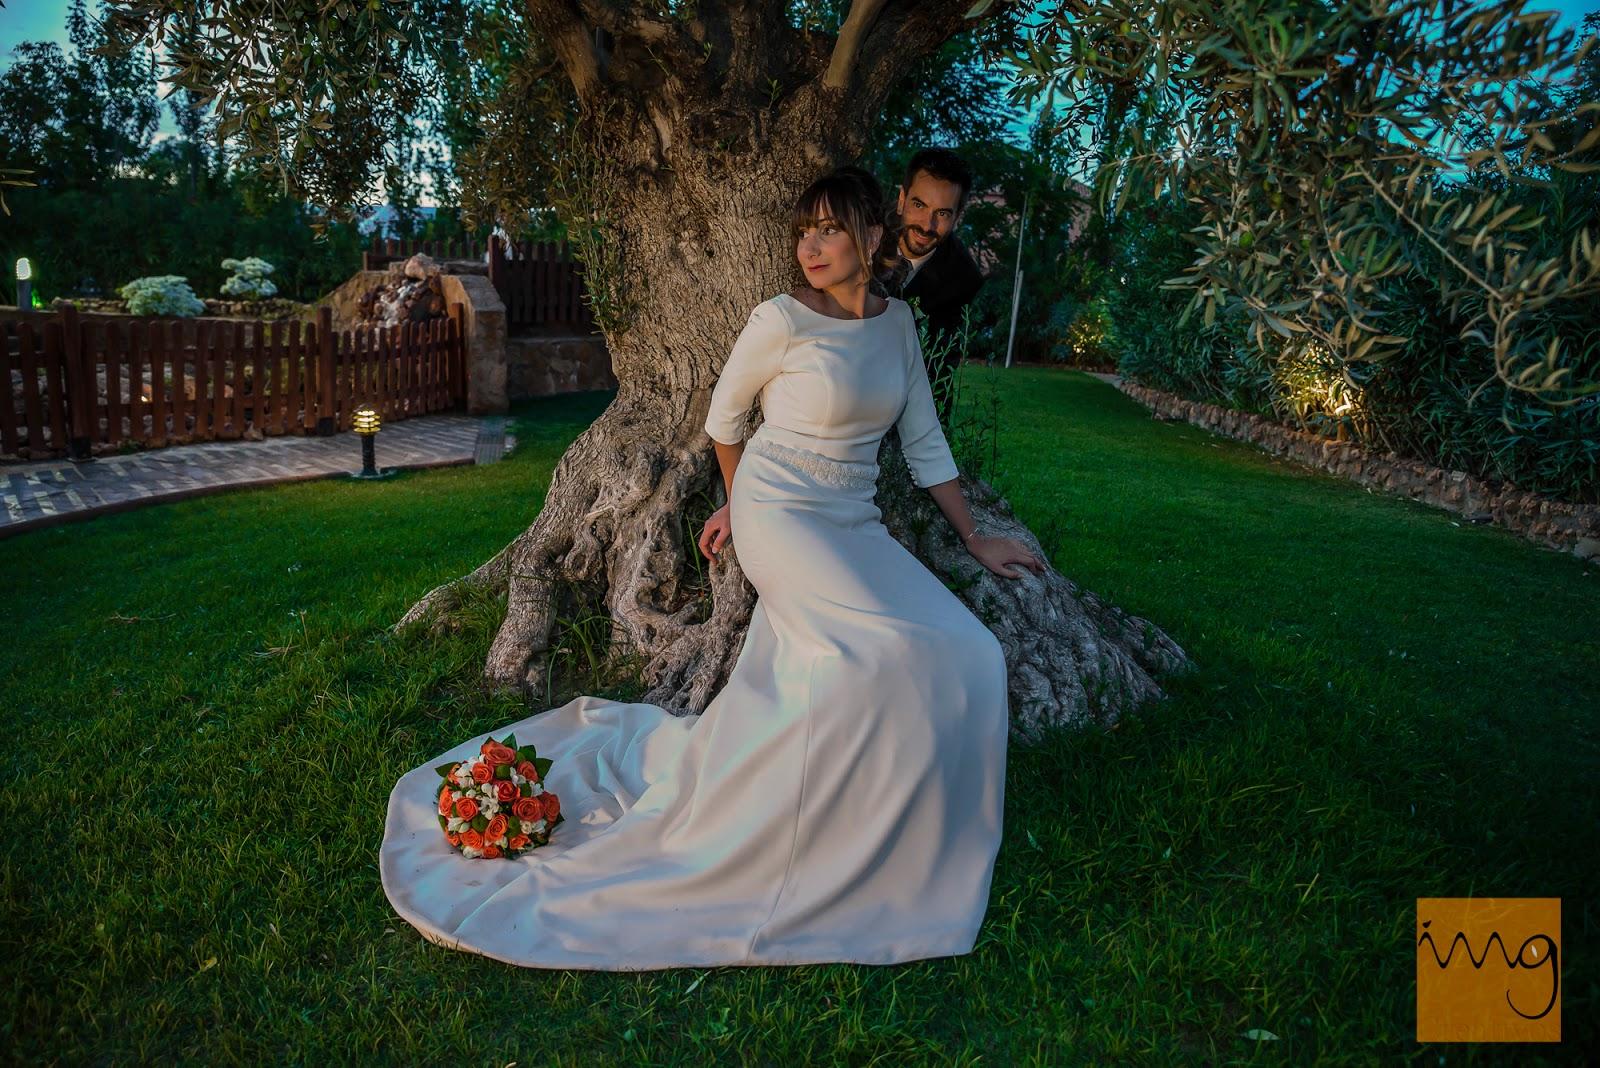 Fotografía divertida de boda